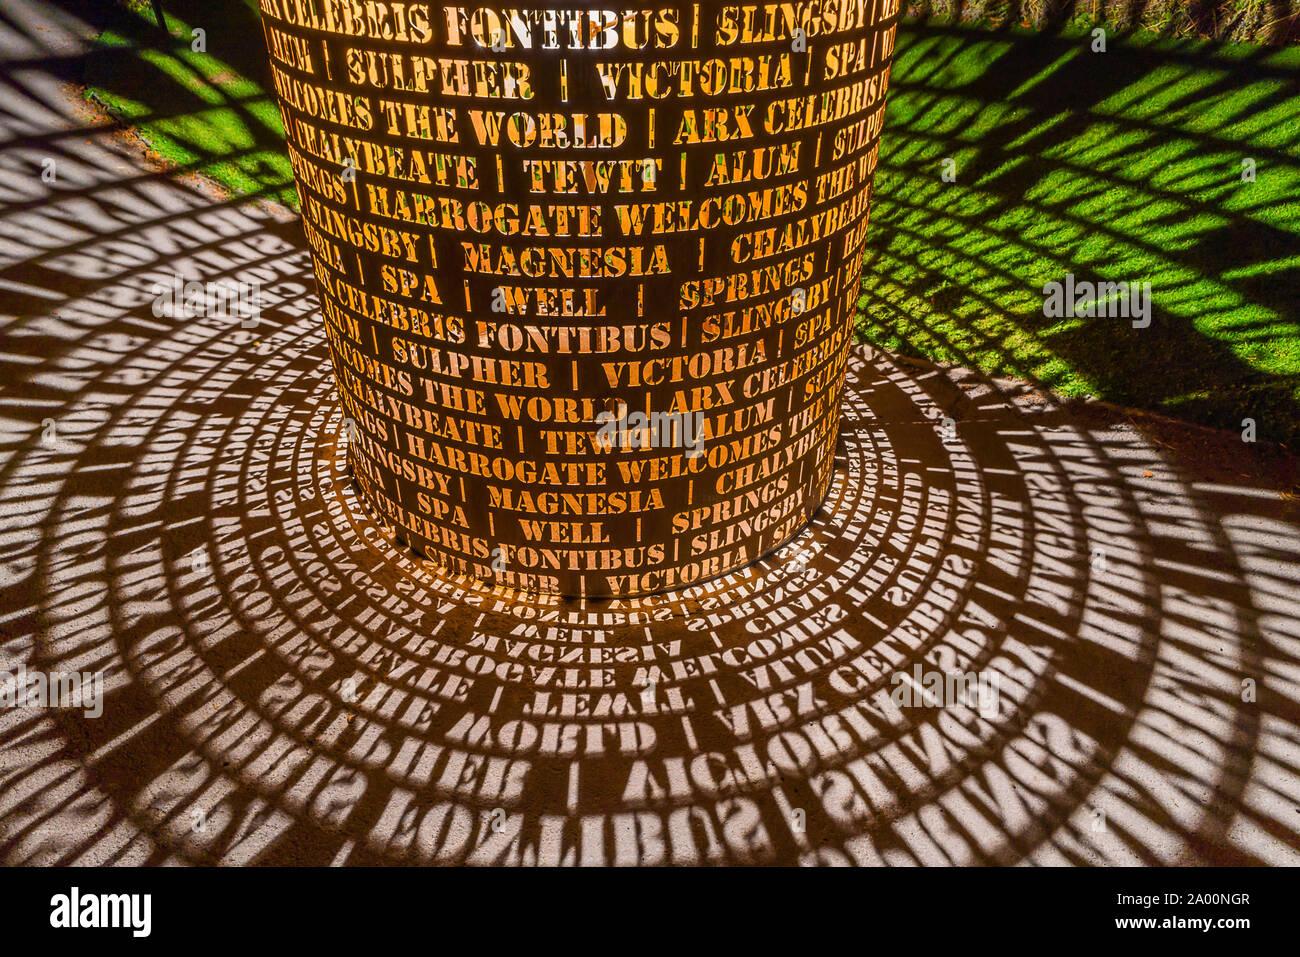 Valley Gardens, Harrogate, Royaume-Uni. 18 Septembre, 2019. Eddie Roberts' sculpture est illuminé la nuit dans la vallée des Jardins, célébrer le patrimoine de la ville et accueille le monde comme l'UCI Championnats du monde ont lieu entre le 21 au 29 septembre 2019 dans et autour de Harrogate North Yorkshire, UK. Credit: pris la photographie lumière/Alamy Live News. Banque D'Images